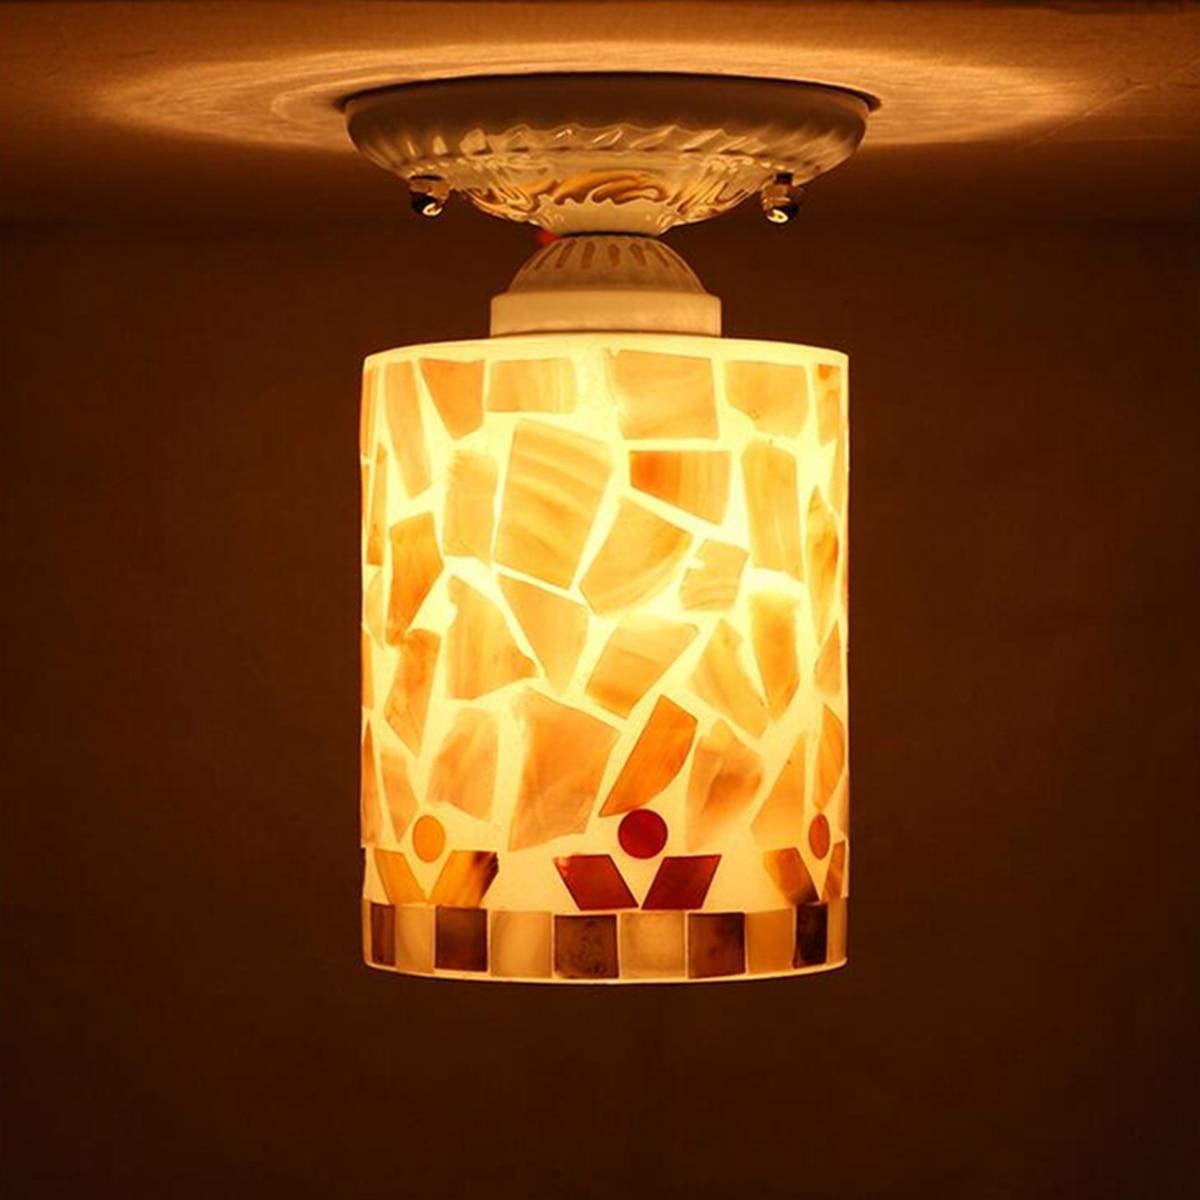 Shell Ceiling Light Garden Balcony LED Ceiling Lamps European Modern Style Bedroom Night Lights Home Decor LED Lighting